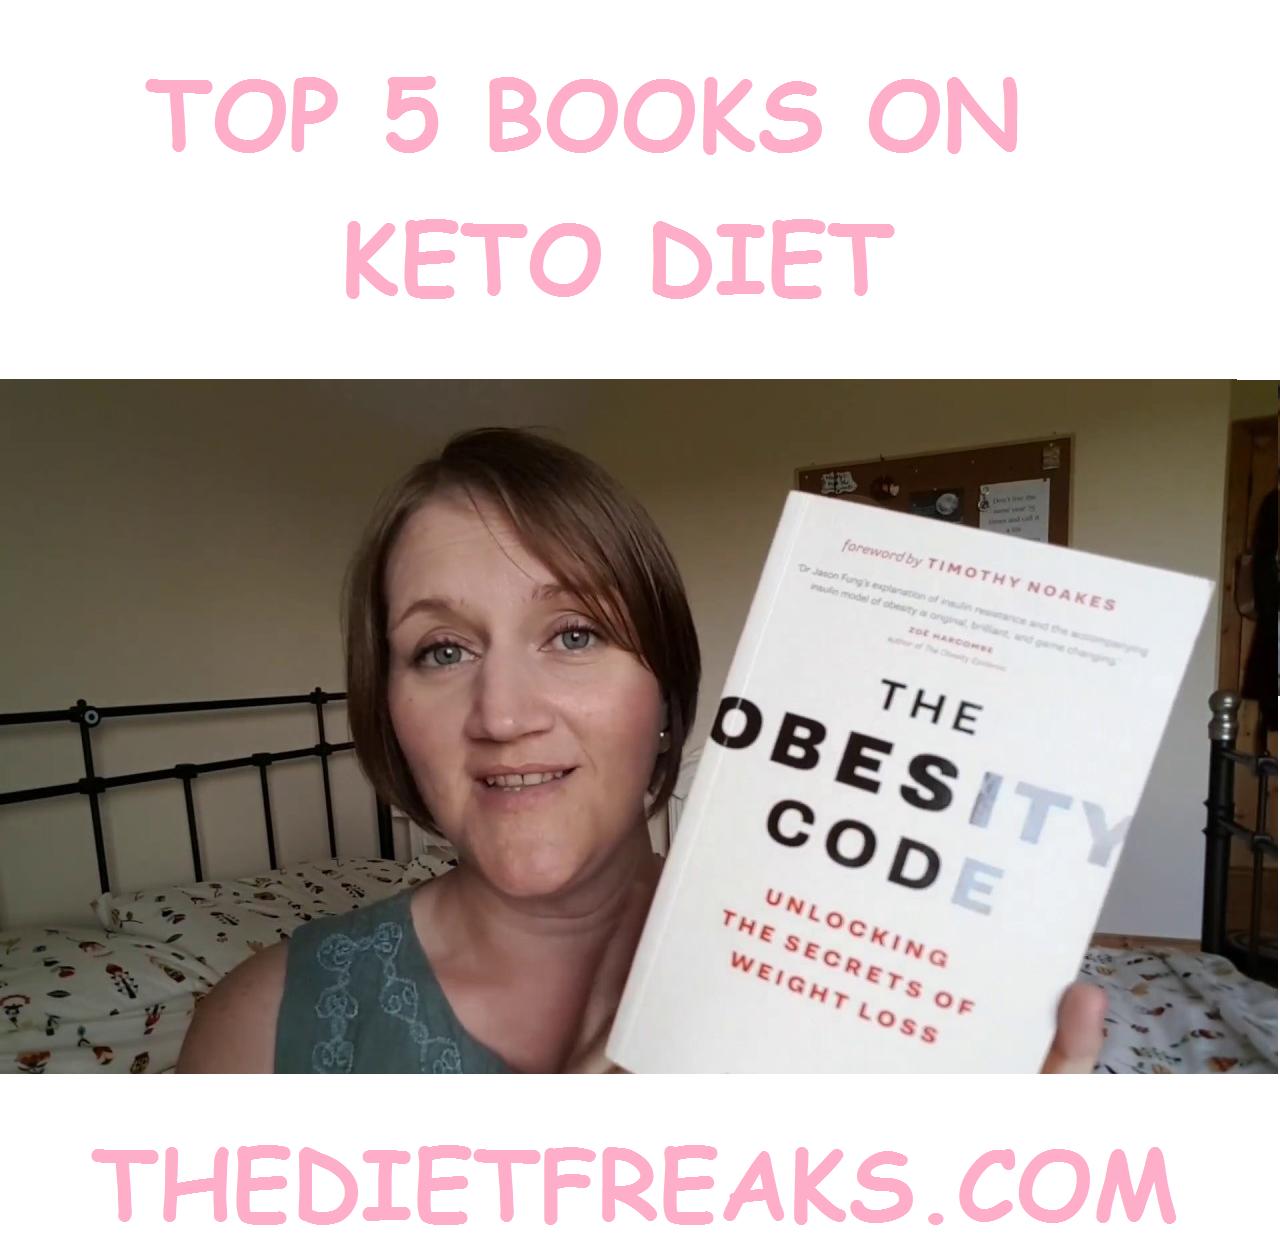 Top 5 book en keto diet